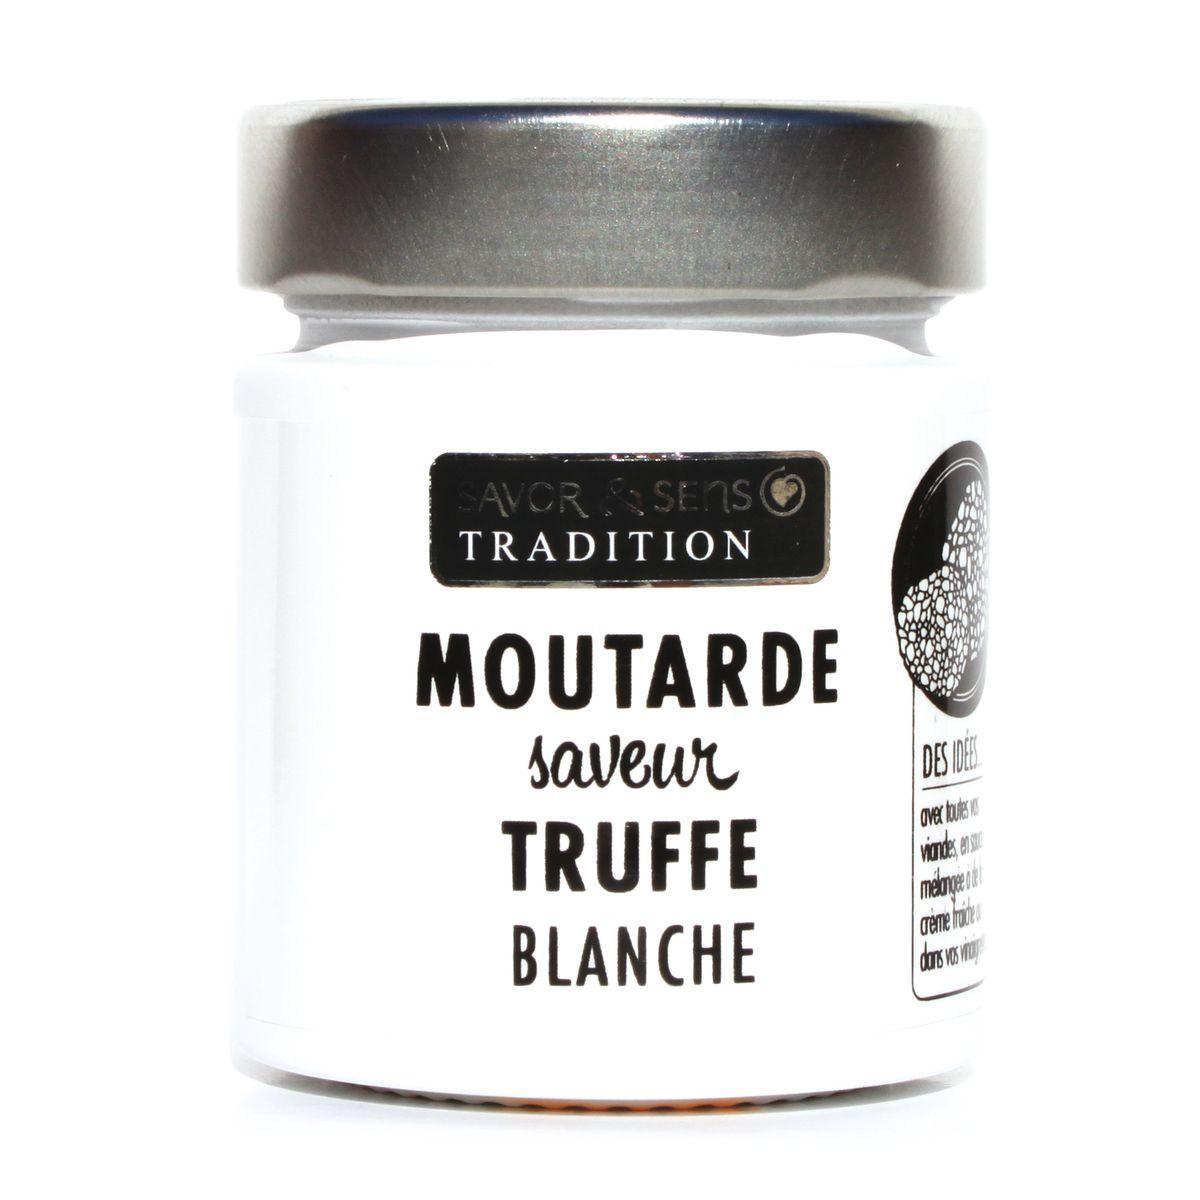 MOUTARDE SAVEUR TRUFFE BLANCHE - SAVOR ET SENS